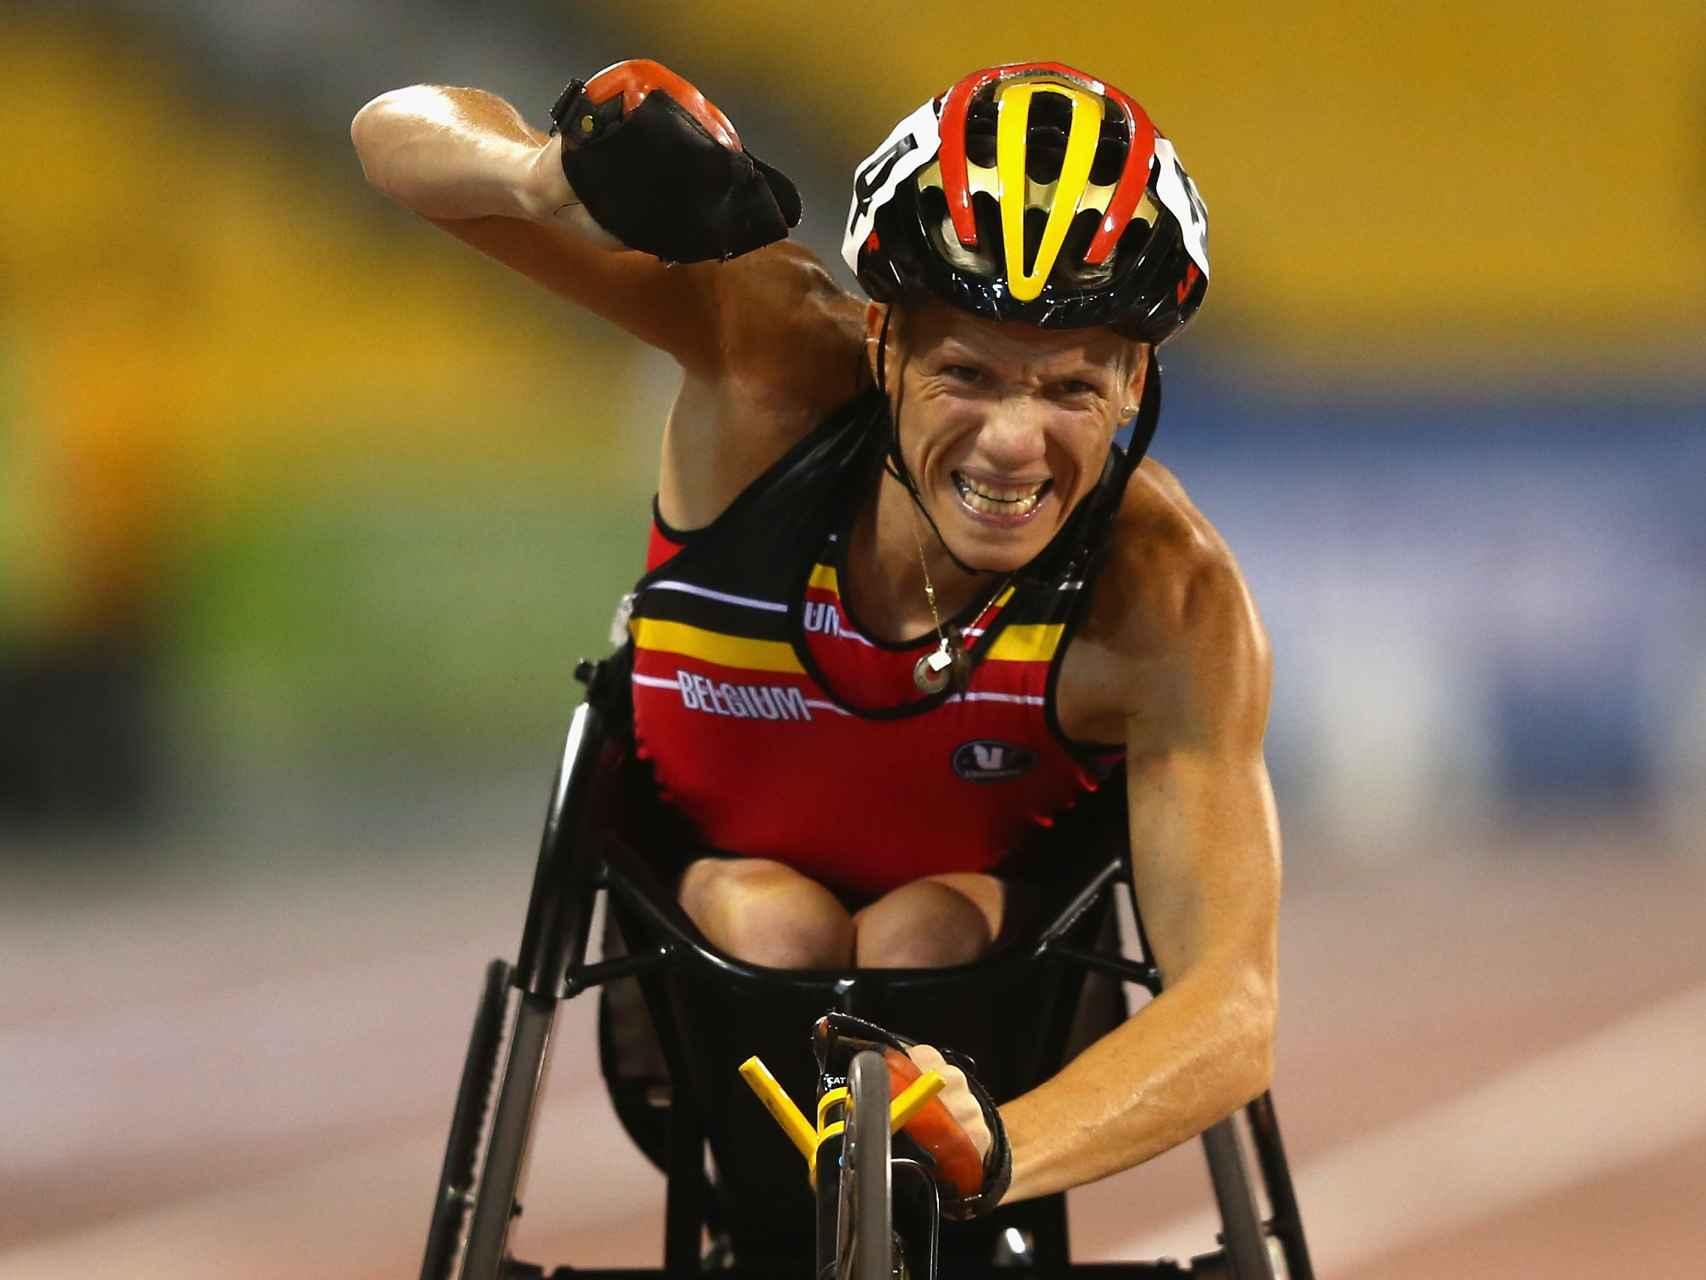 Marieke Vervoort celebra con rabia la victoria en los 100 metros de Londres.